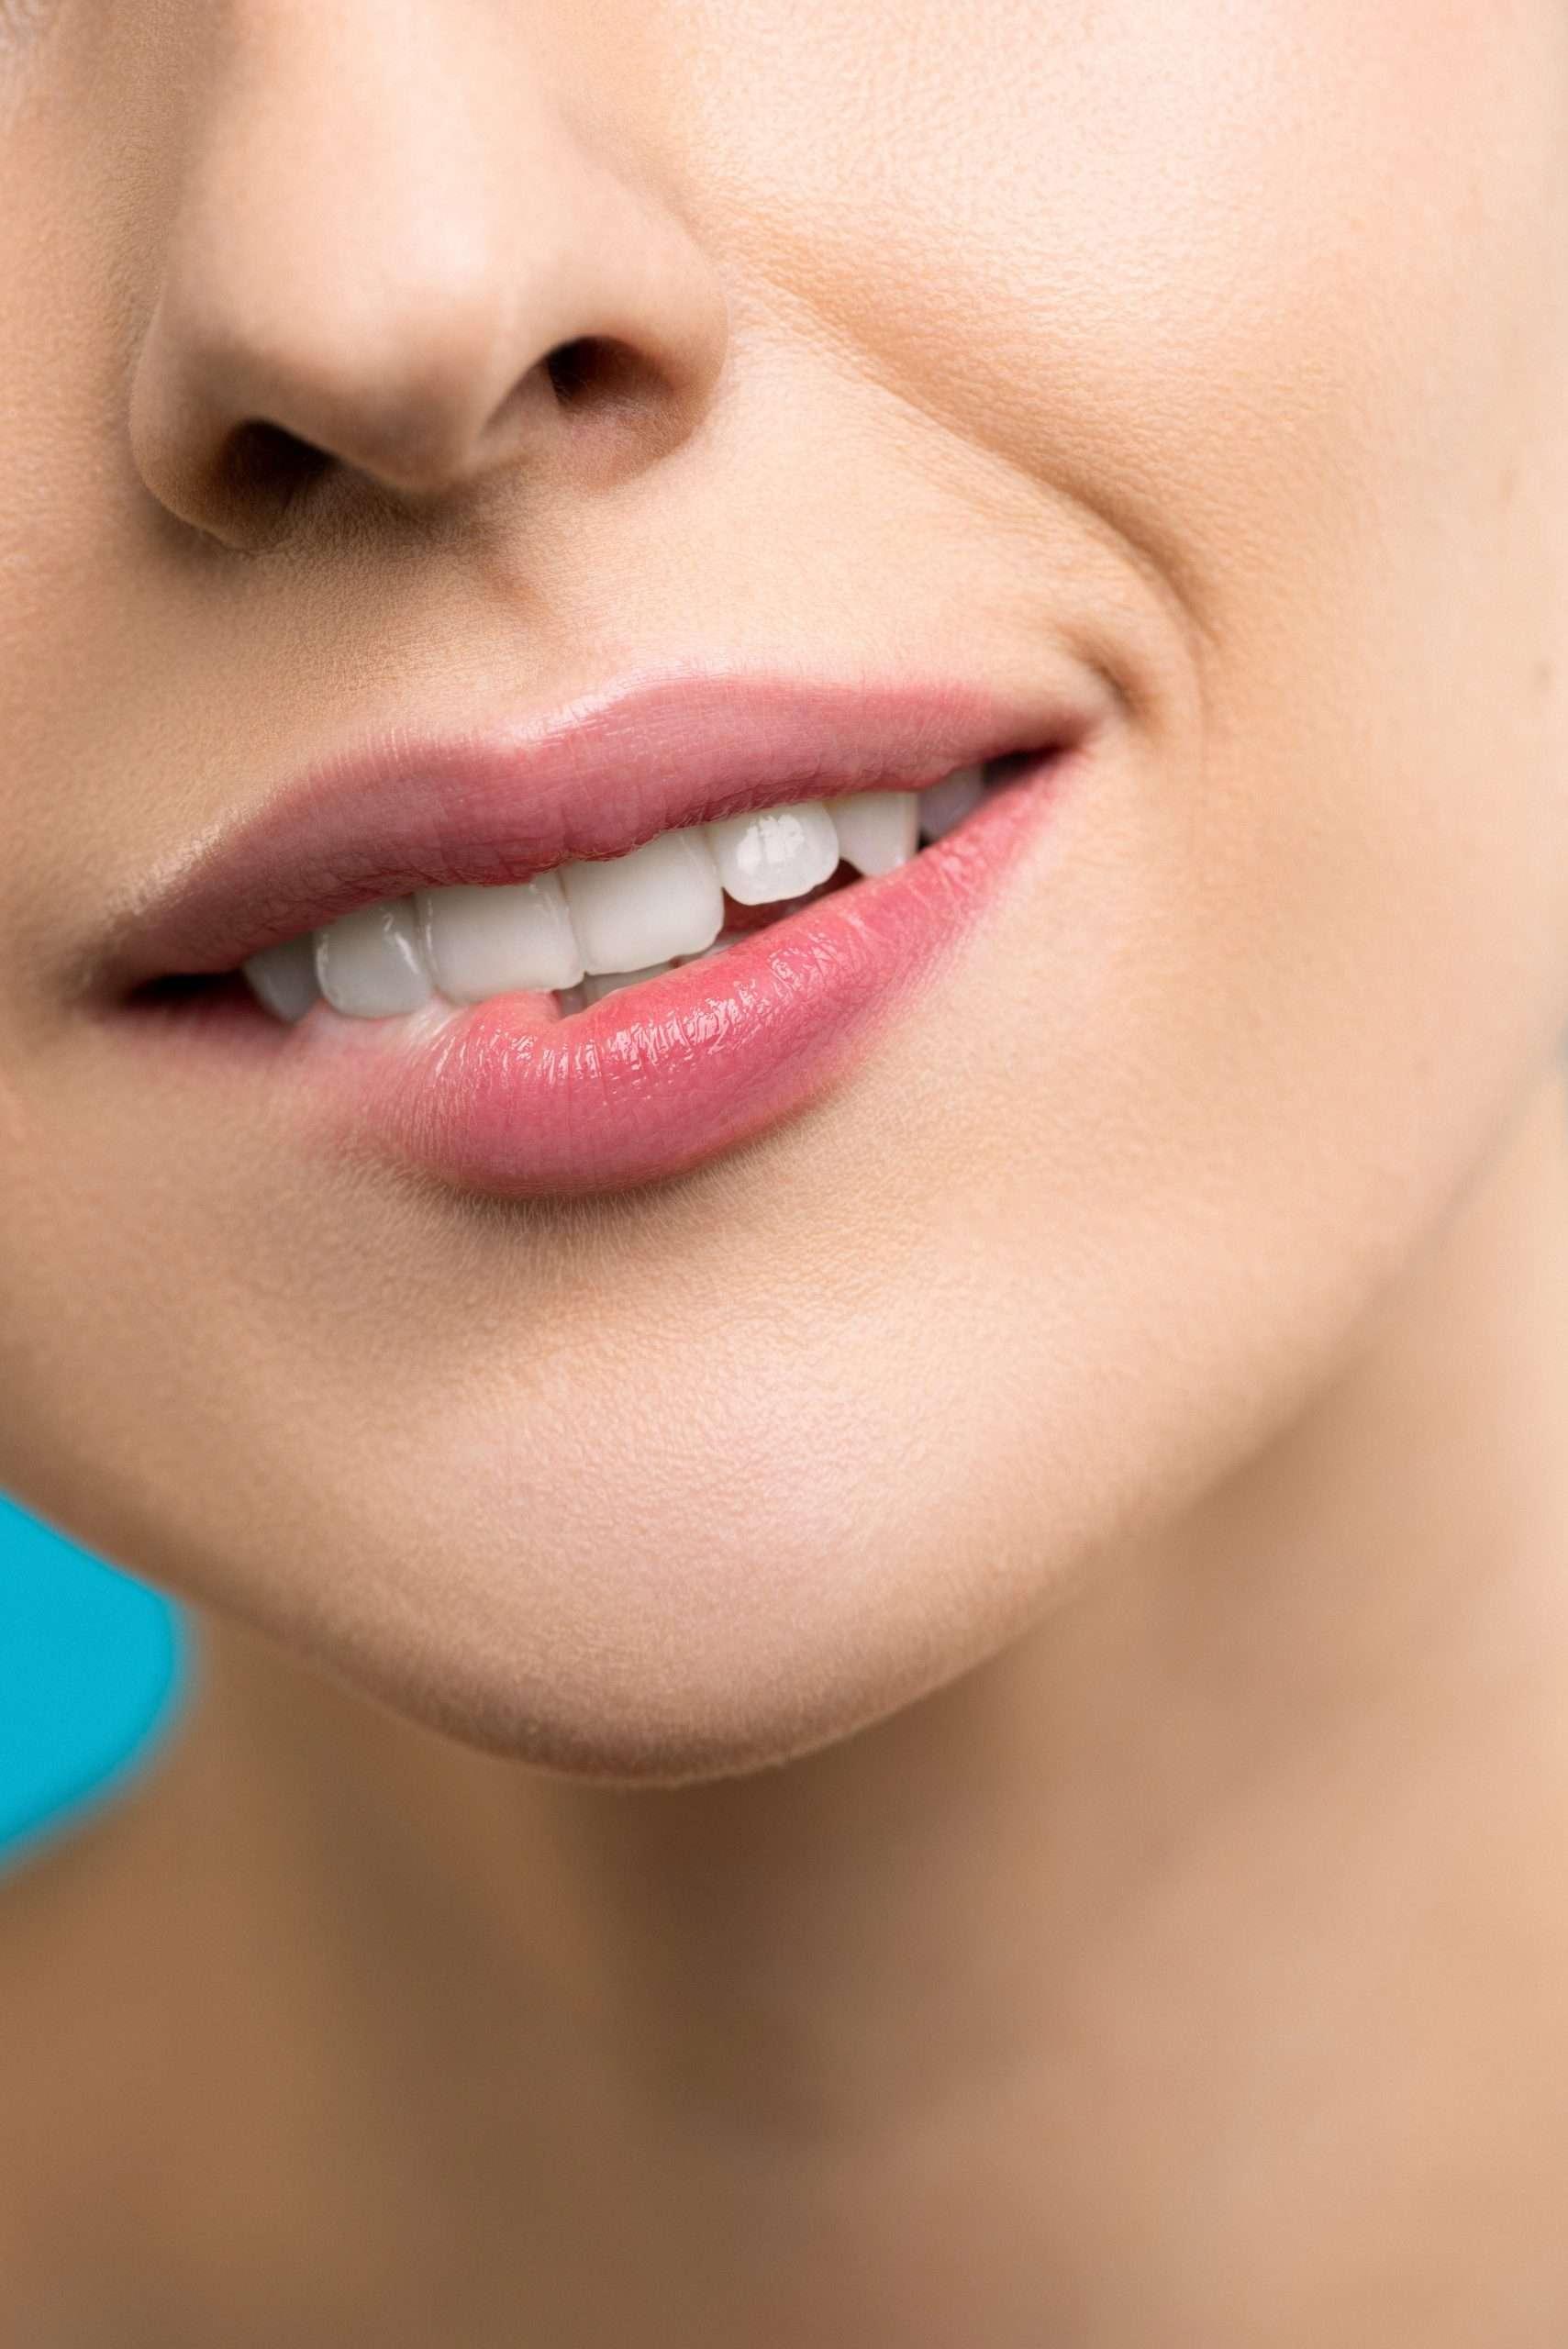 smile-dental-veneers-merrylands-guildford